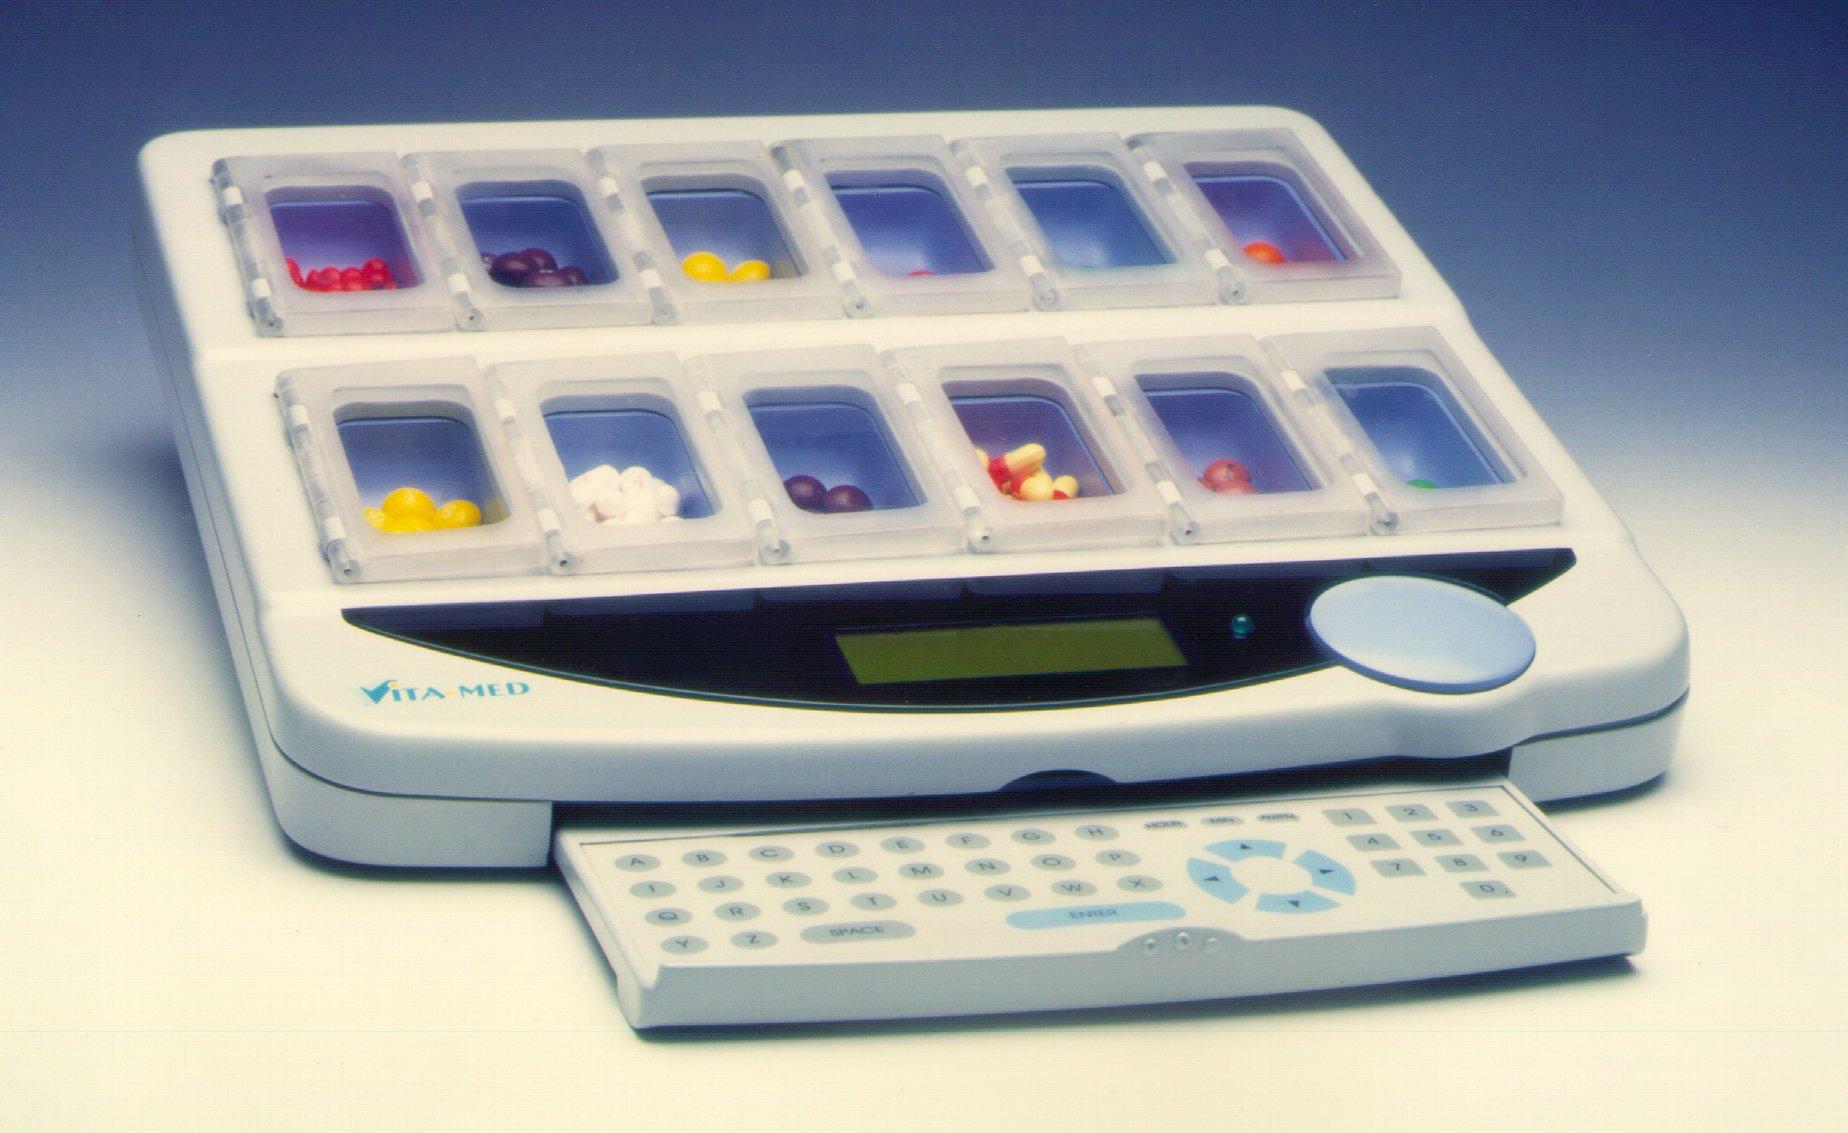 Prototype Model Vita-Med Pill Dispenser